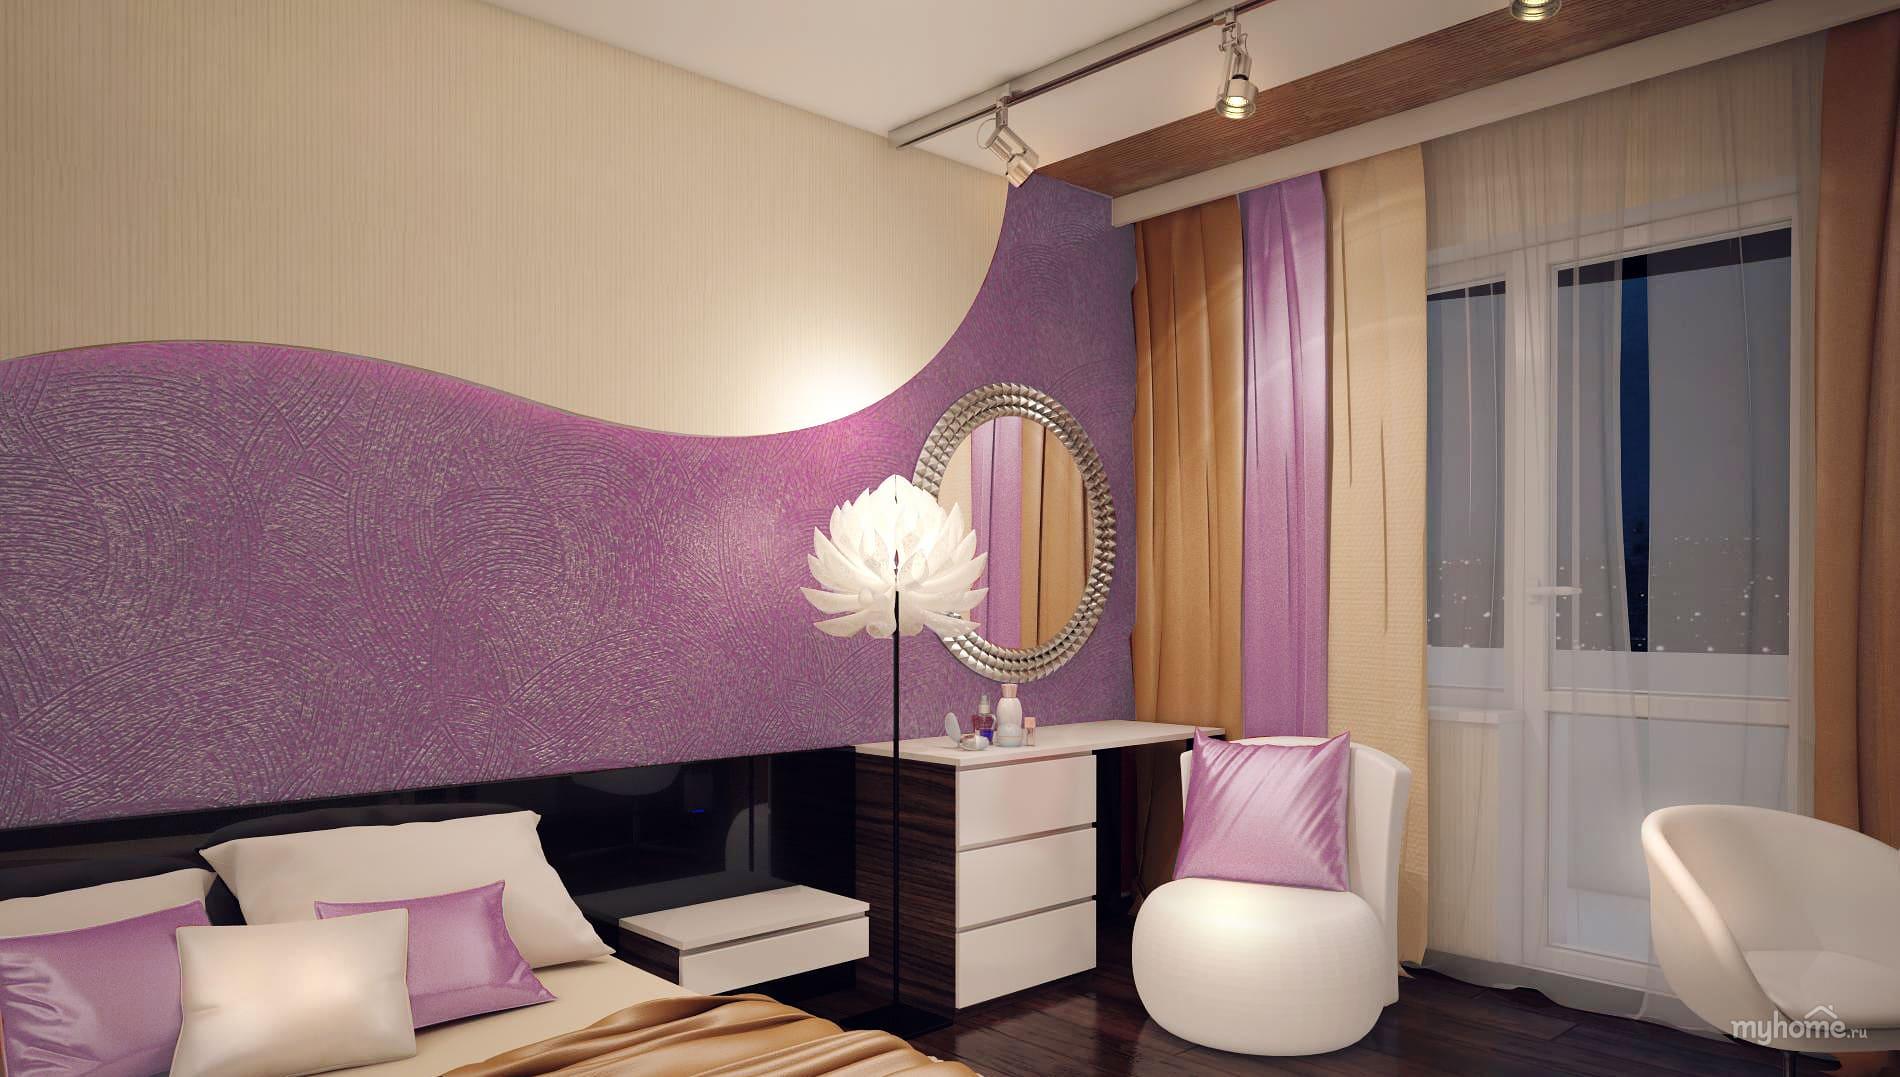 Декоративная штукатурка - лучшие красивые варианты отделки стен в интерьере 174